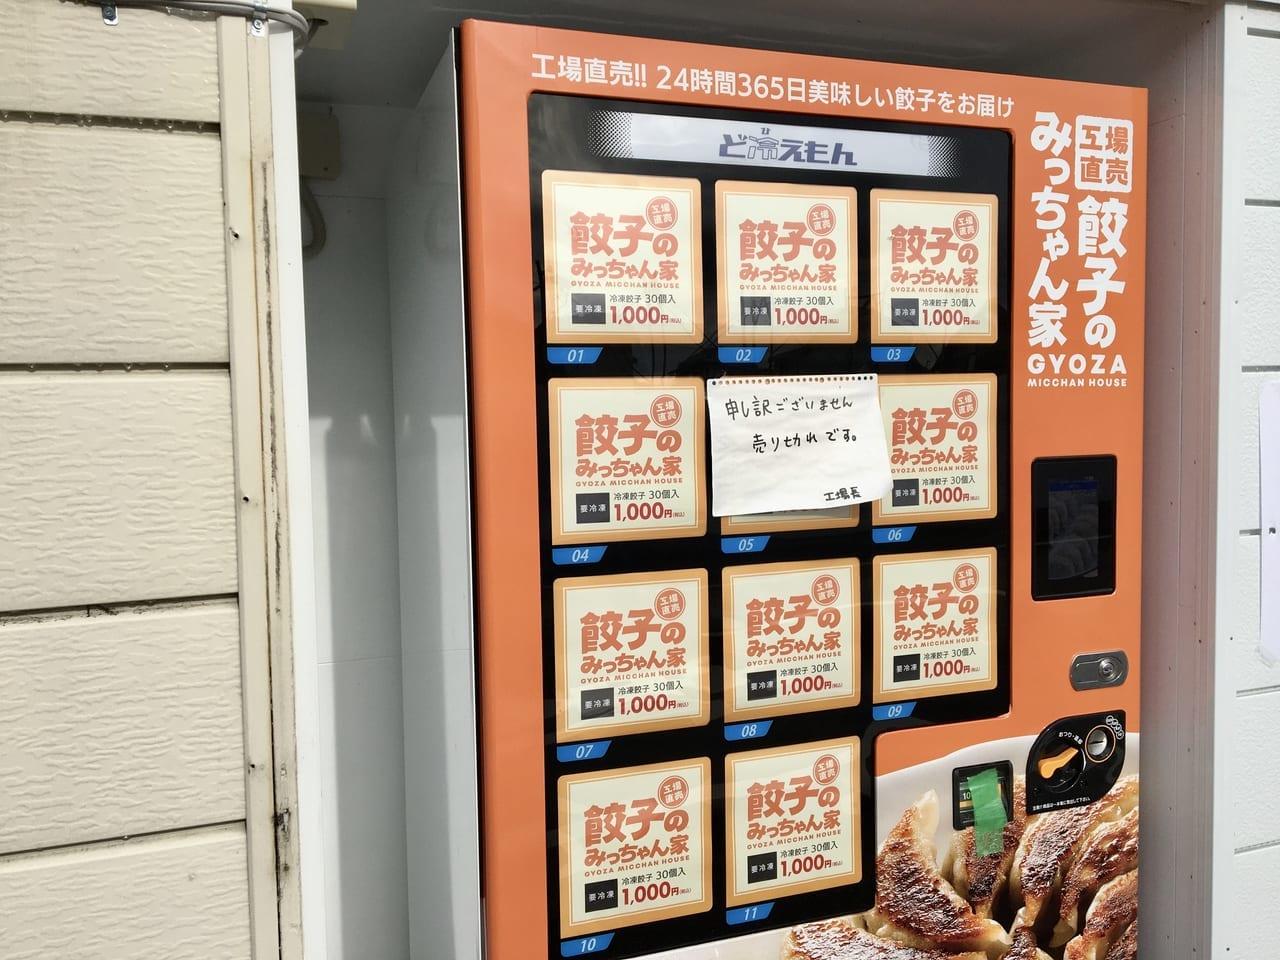 餃子のみっちゃん家の冷凍自動販売機